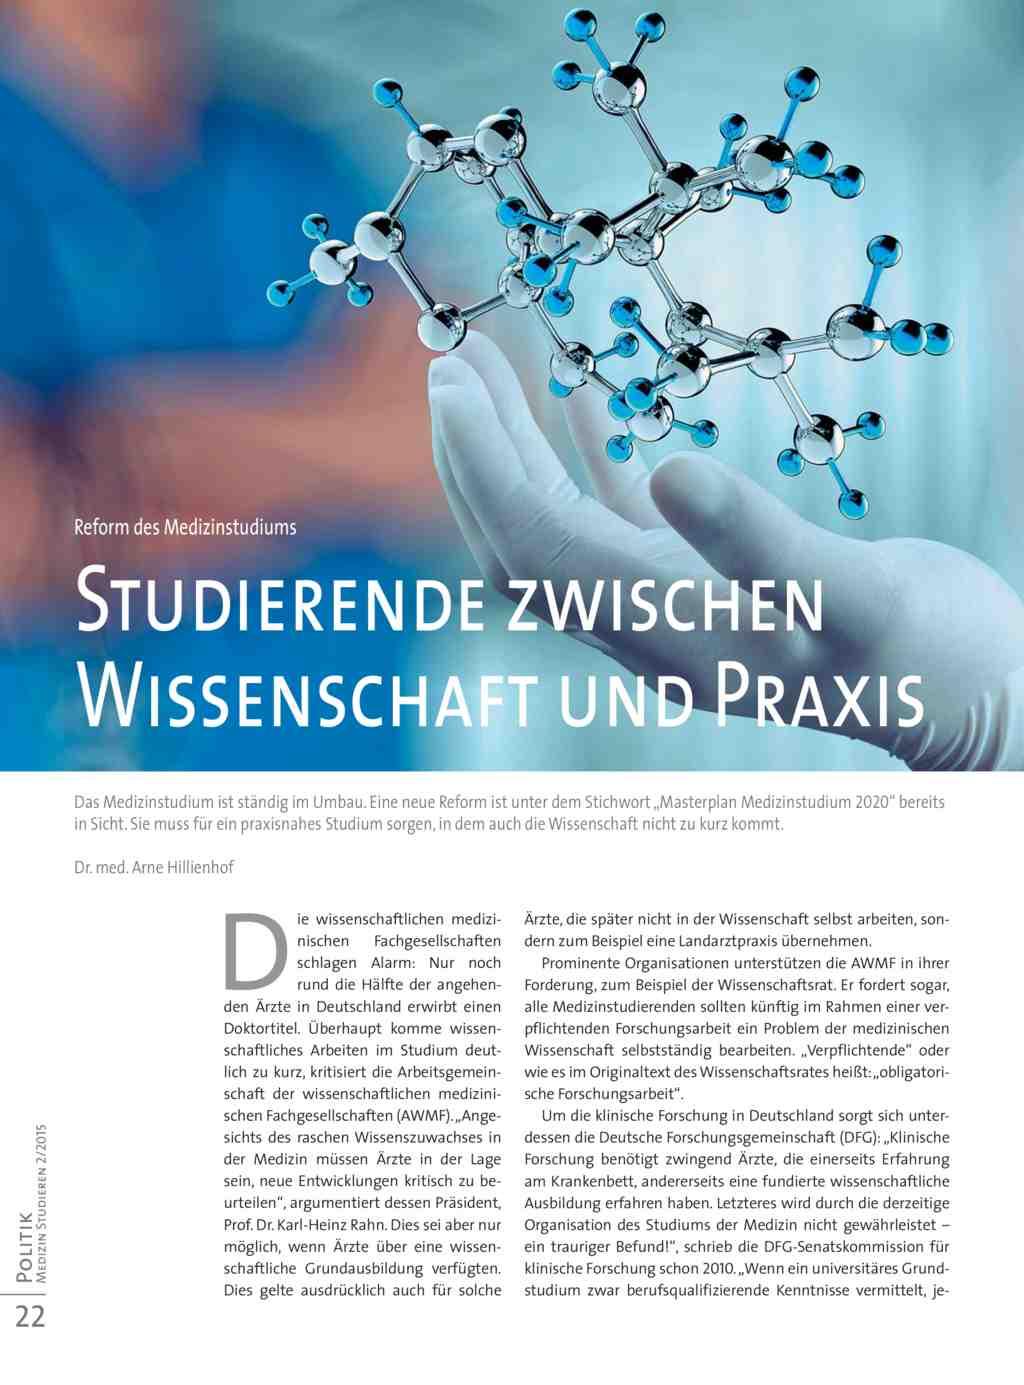 Reform des medizinstudiums studierende zwischen for Medizin studieren schweiz